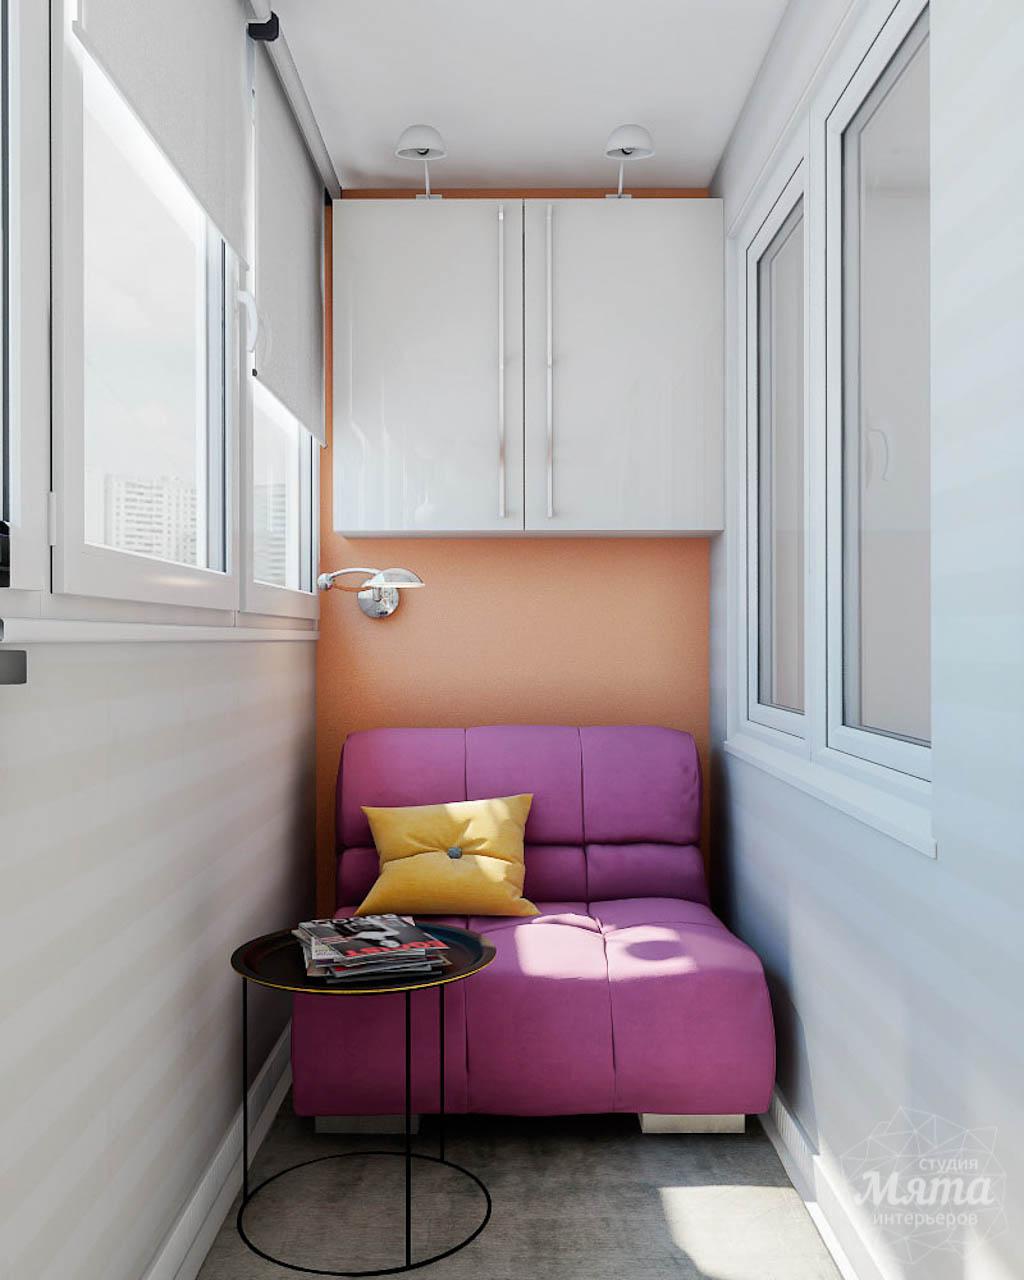 Дизайн интерьера однокомнатной квартиры в современном стиле по ул. Агрономическая 47 img918647902